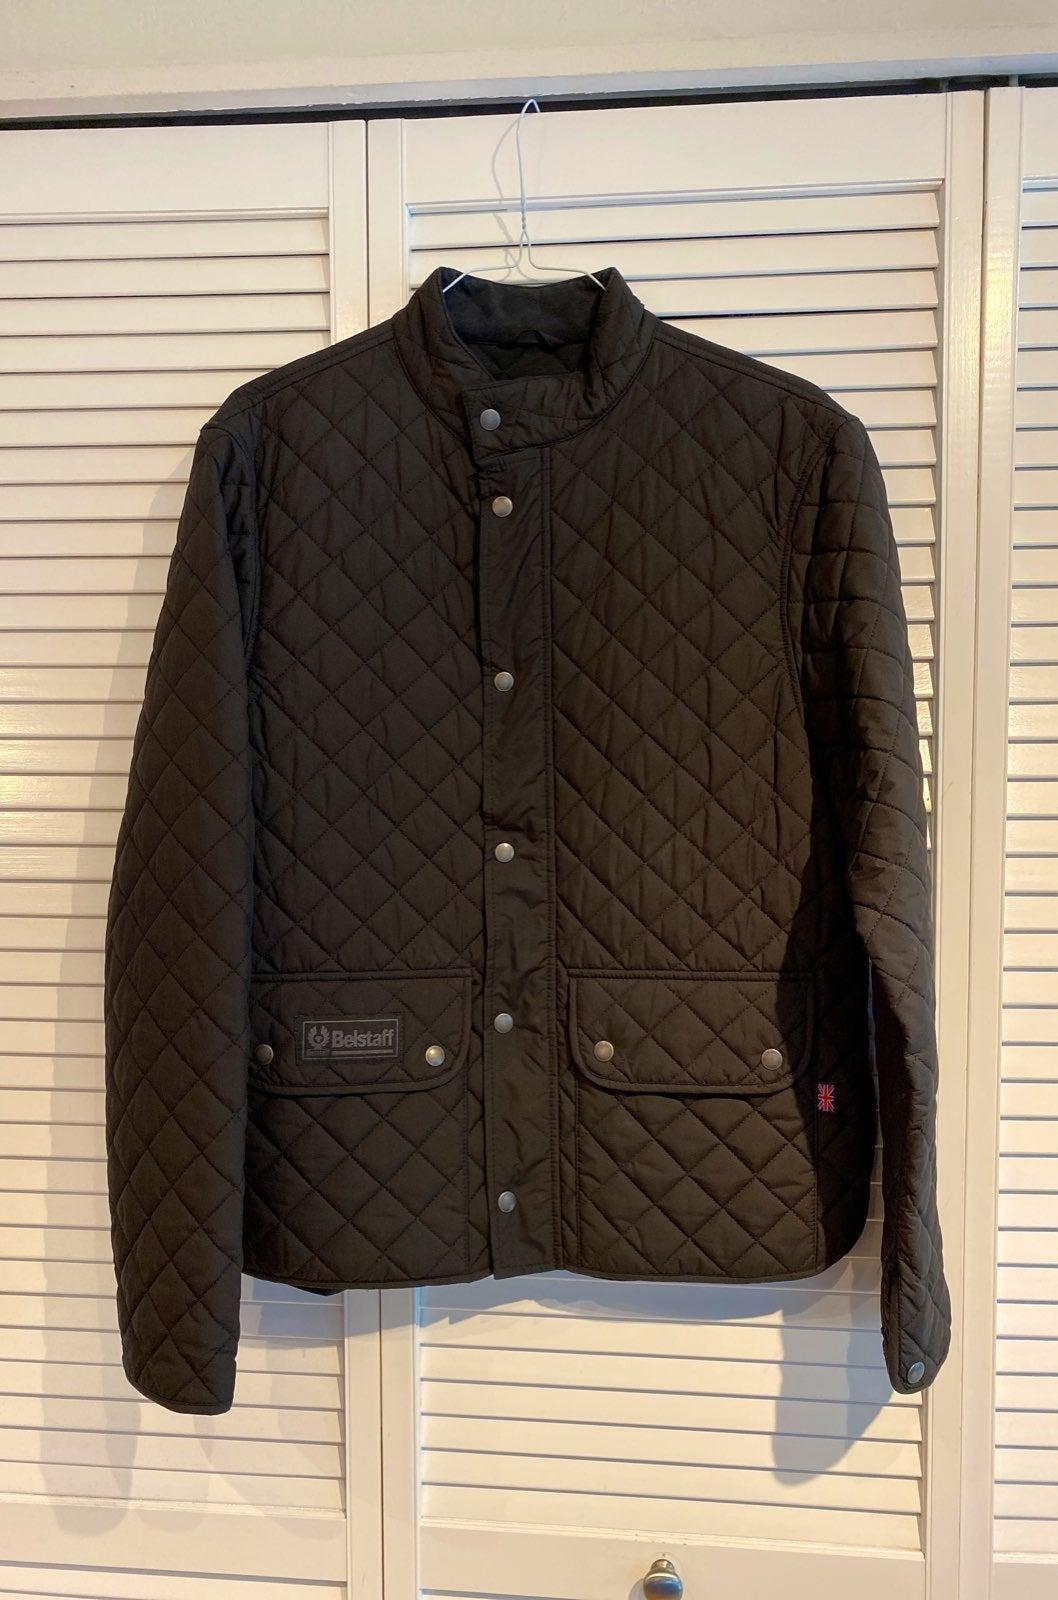 Belstaff Wilson Jacket